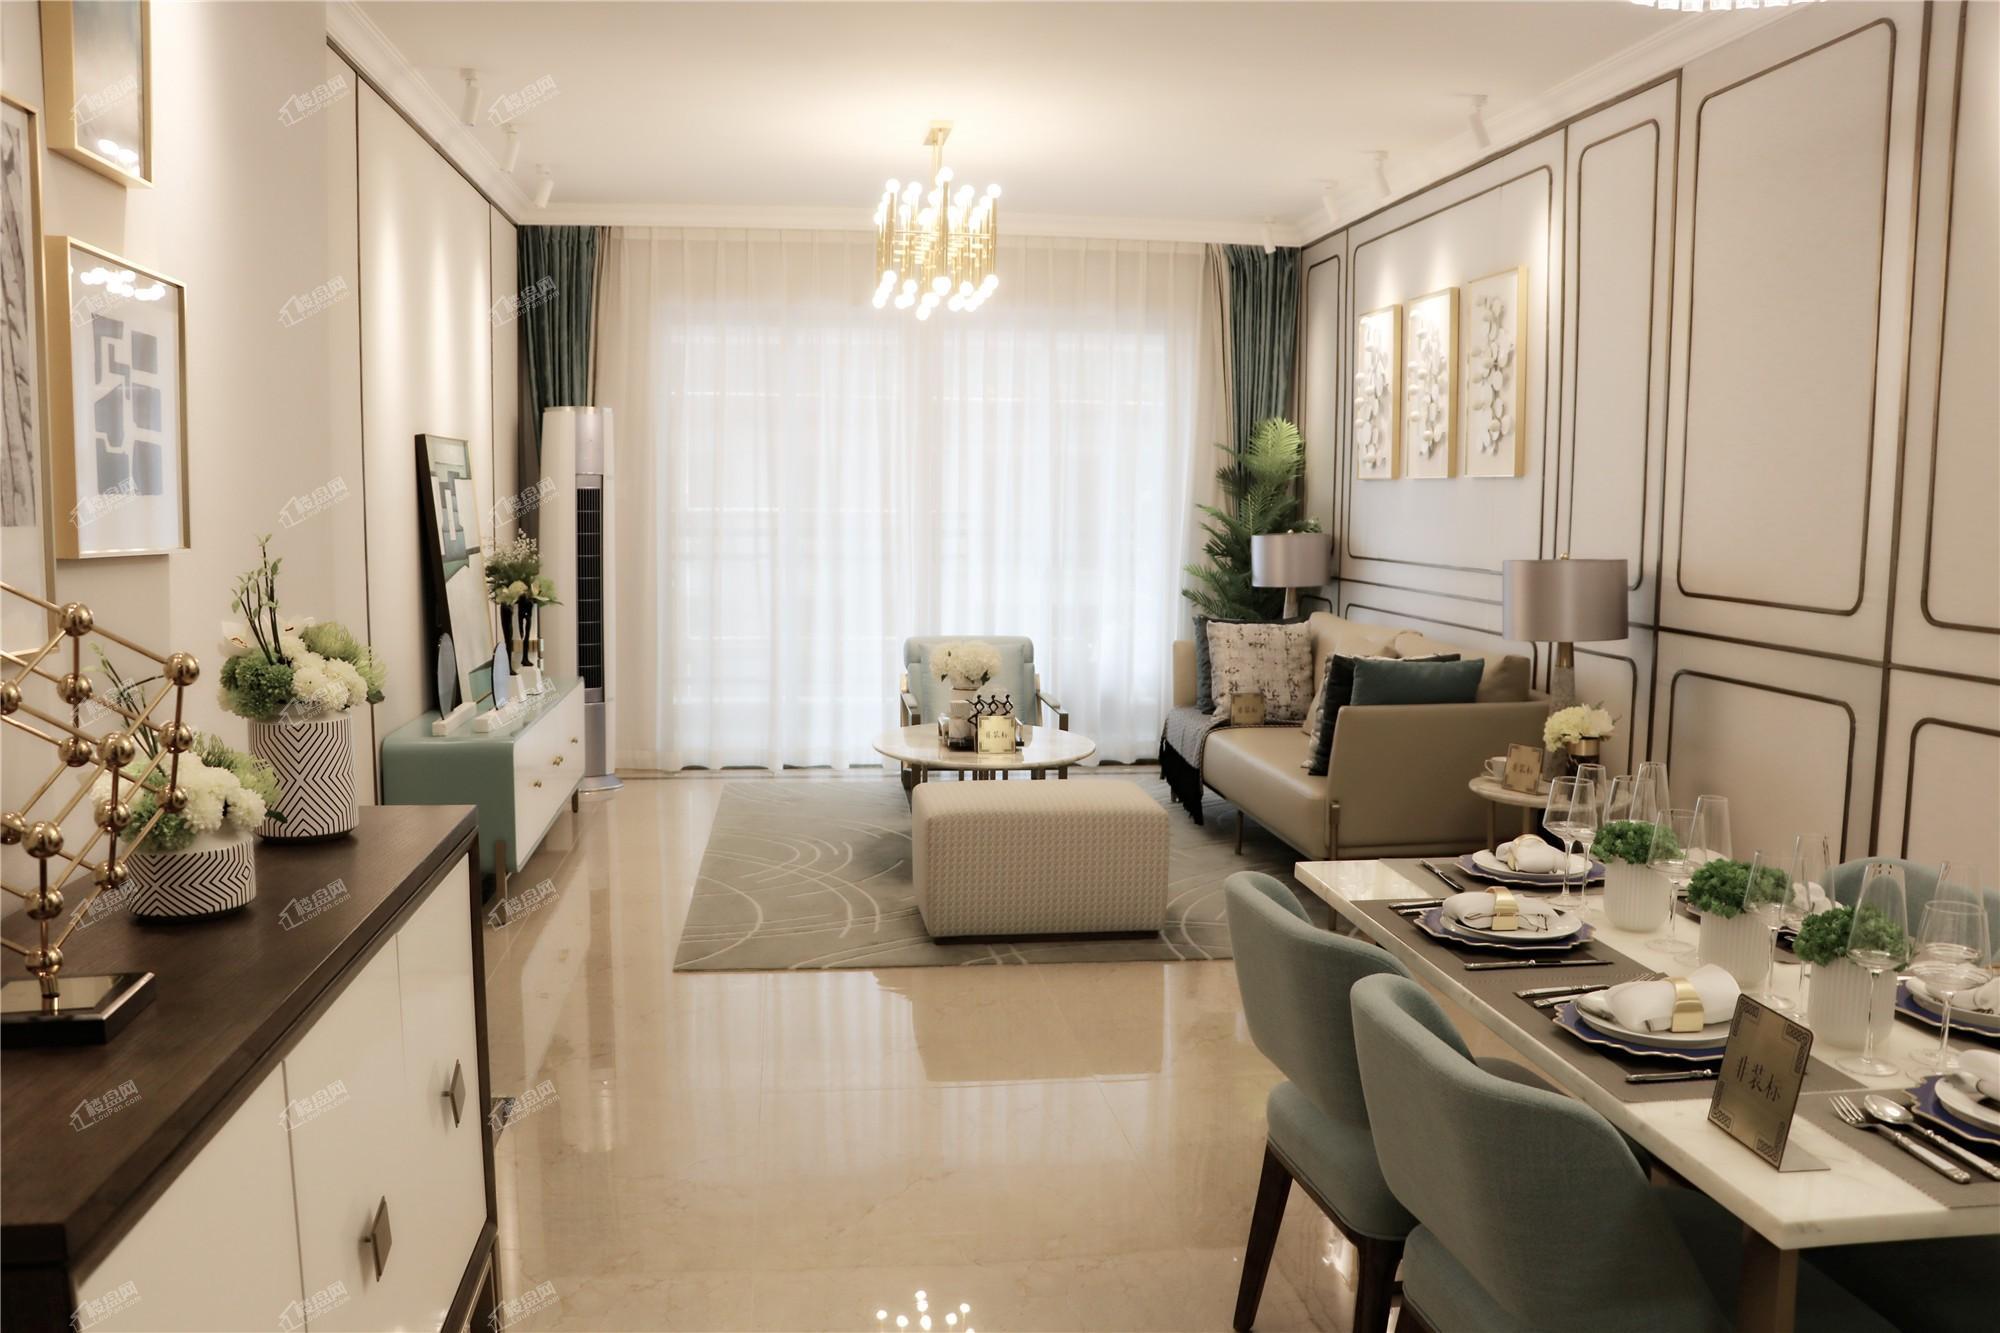 龙门馨园一期1、2、3号楼 A1、A2户型客厅